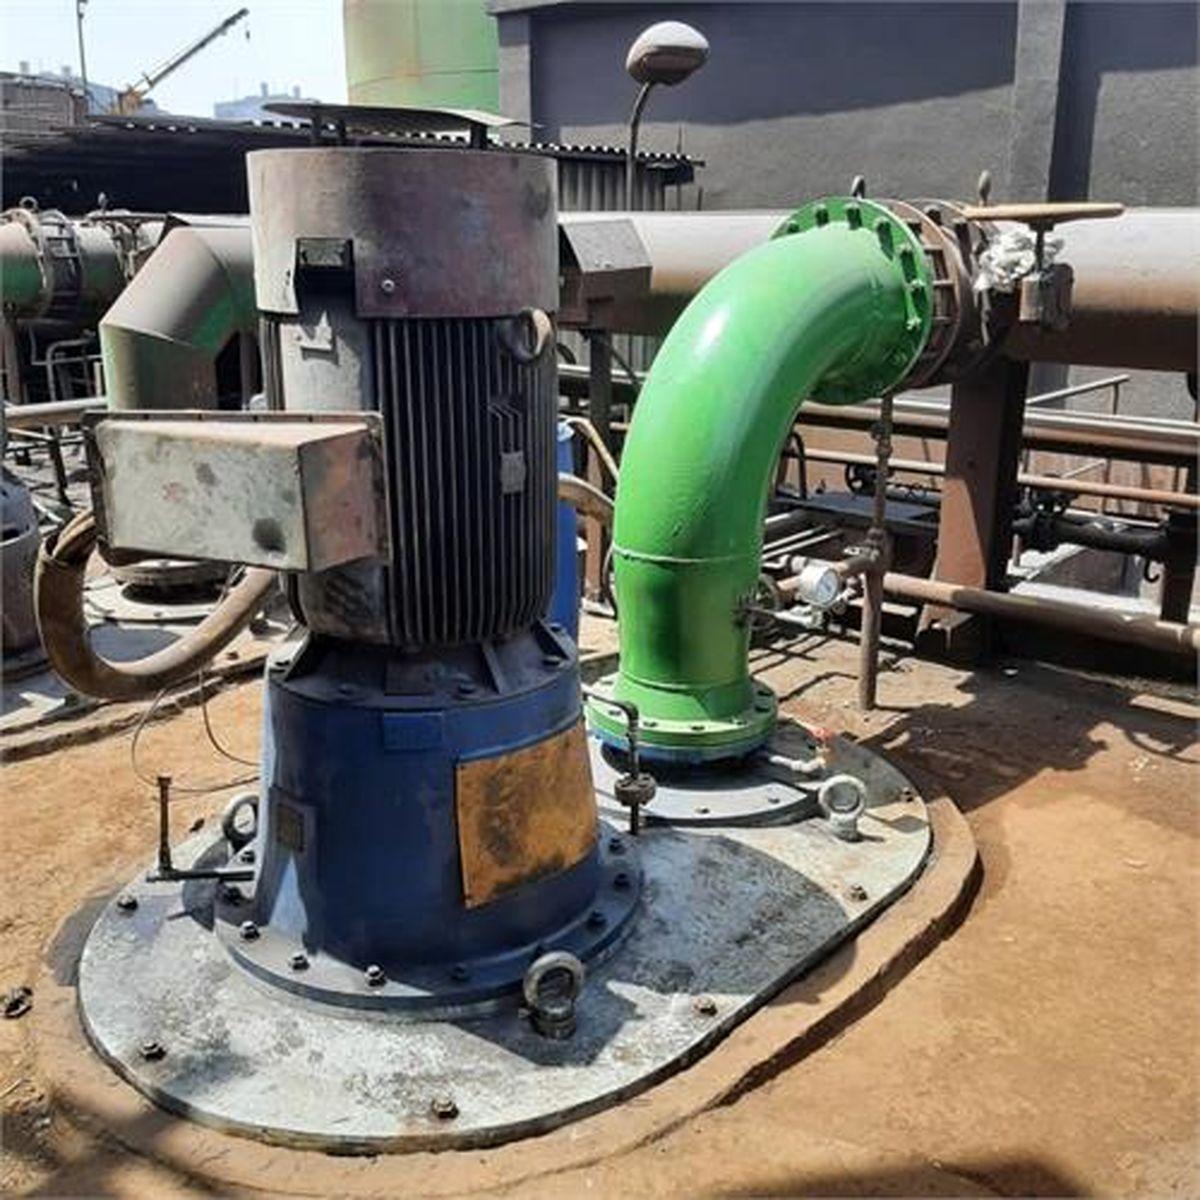 همت بلند فولادمردان خوزستان تحریمها را به زانو درآورد